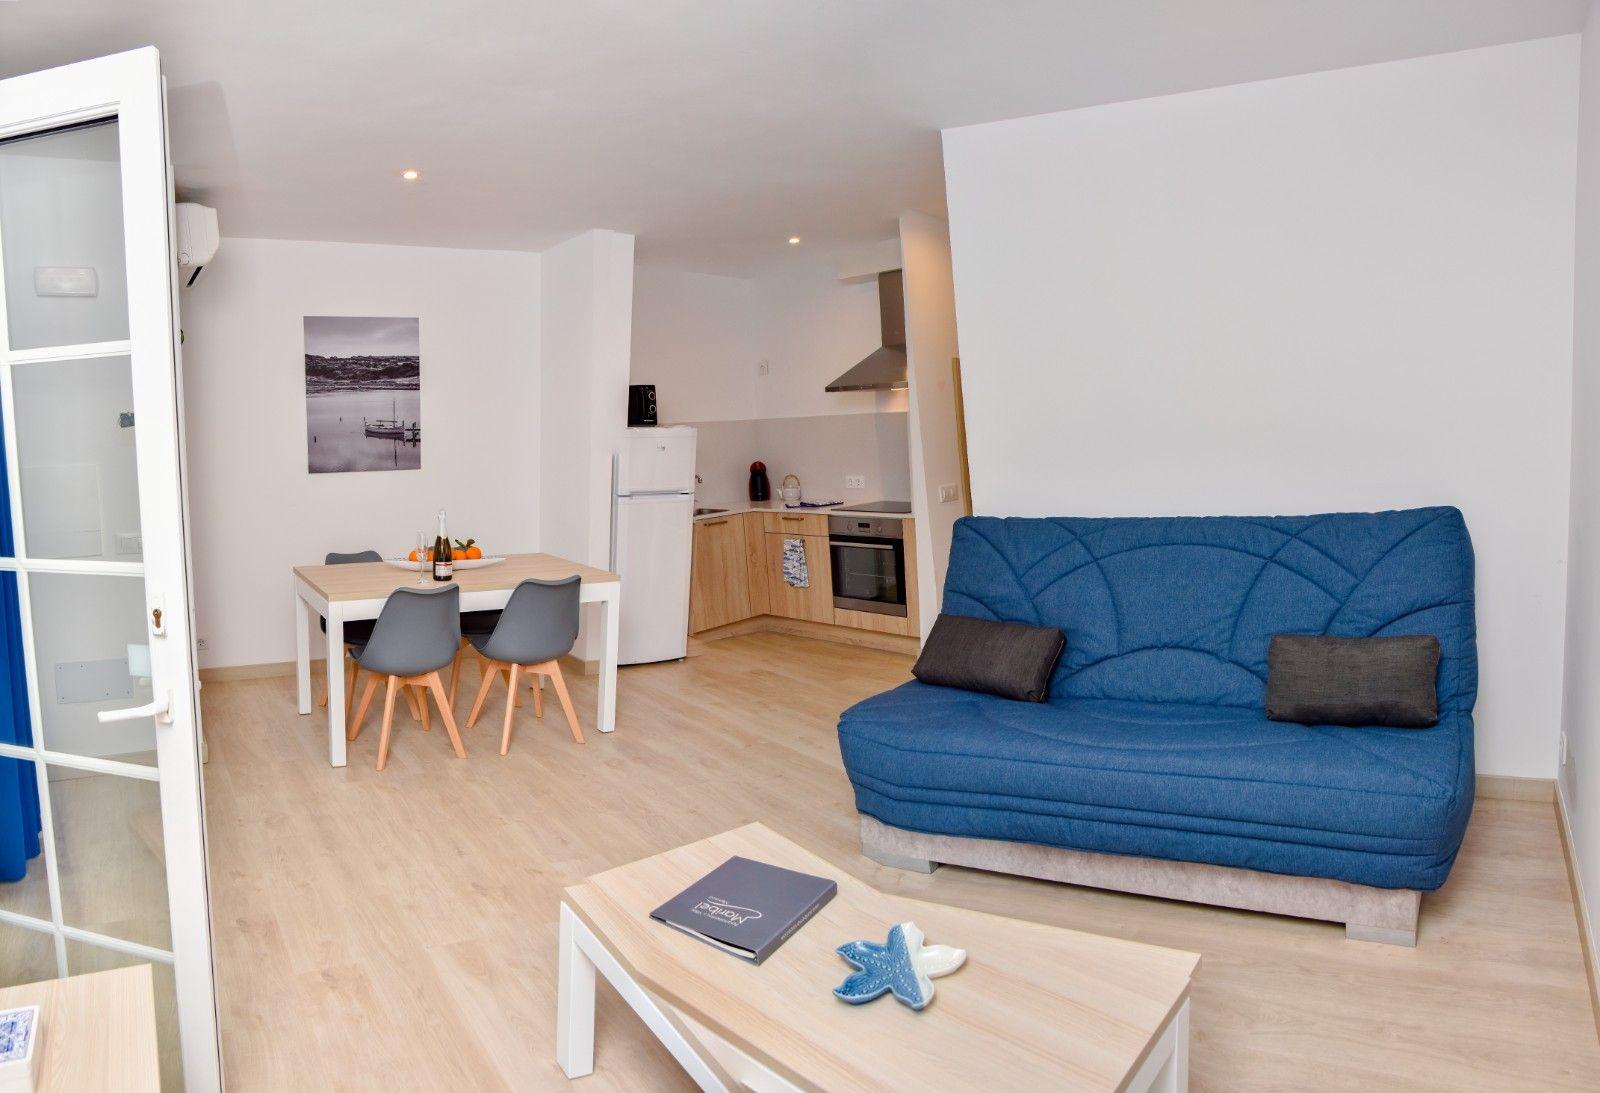 2 Bedroom Apartment - Apartamentos Maribel - Cala Blanca - Ciutadella